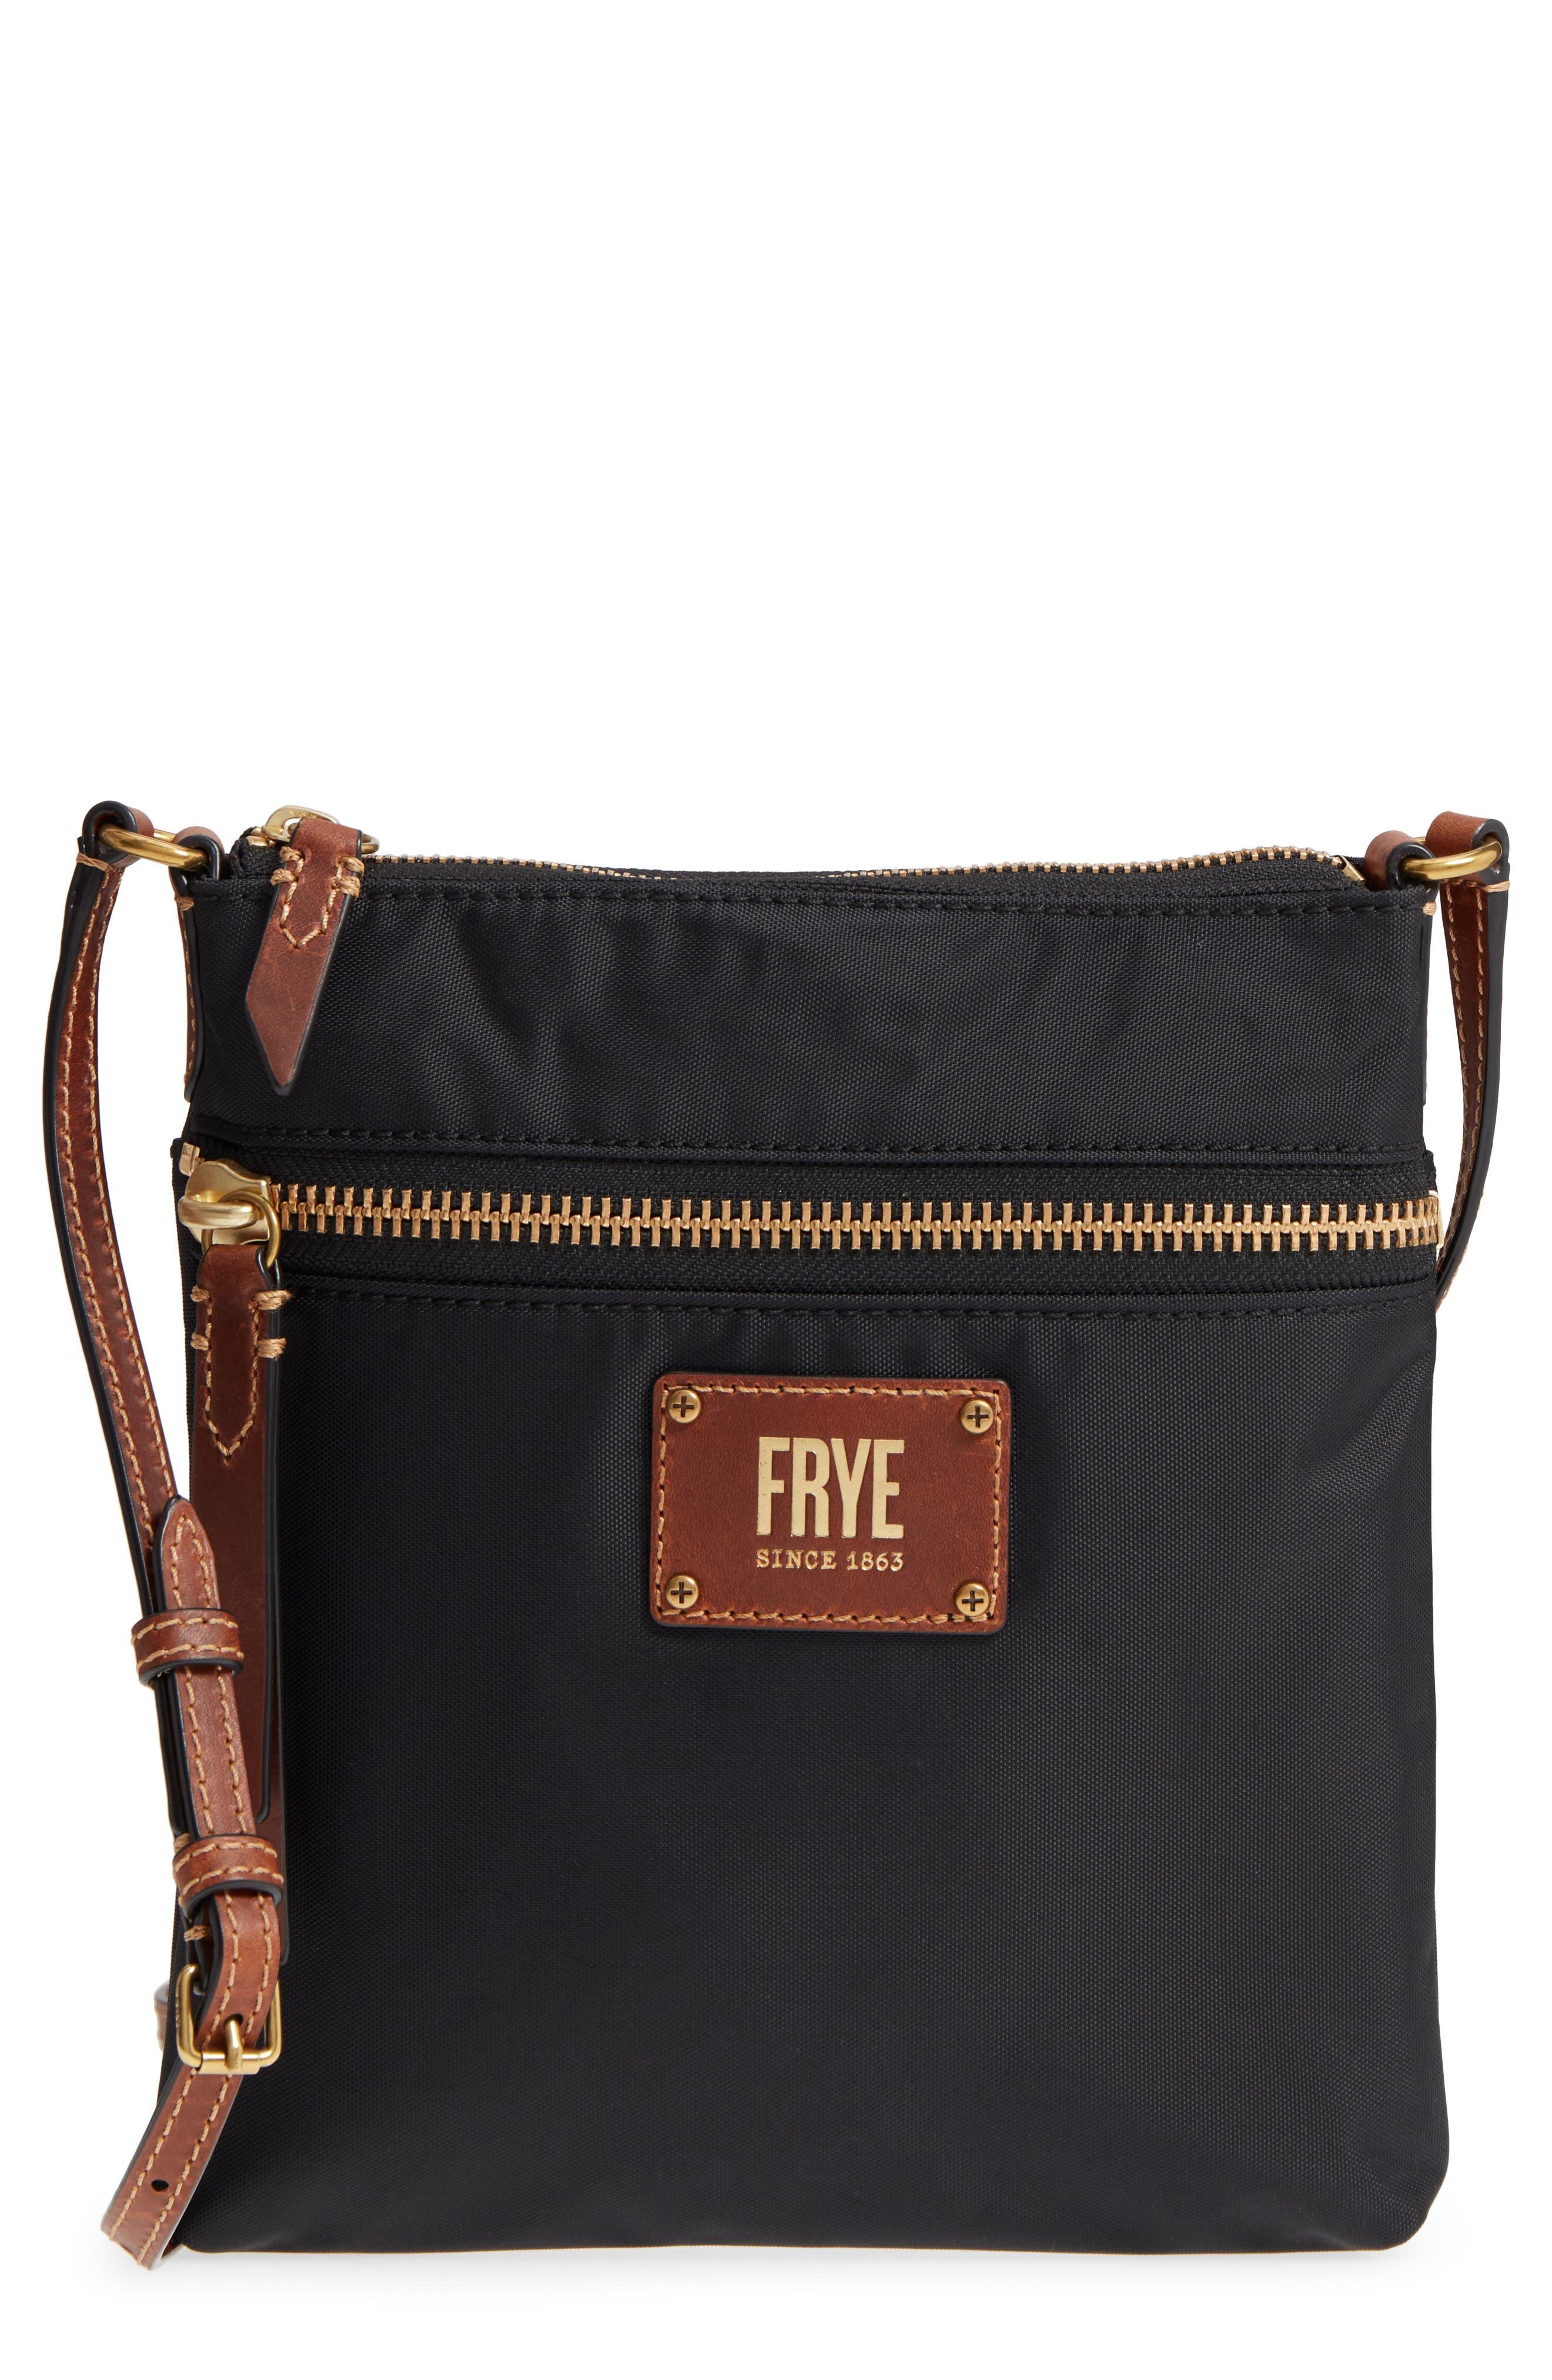 Frye Ivy Nylon Crossbody Bag